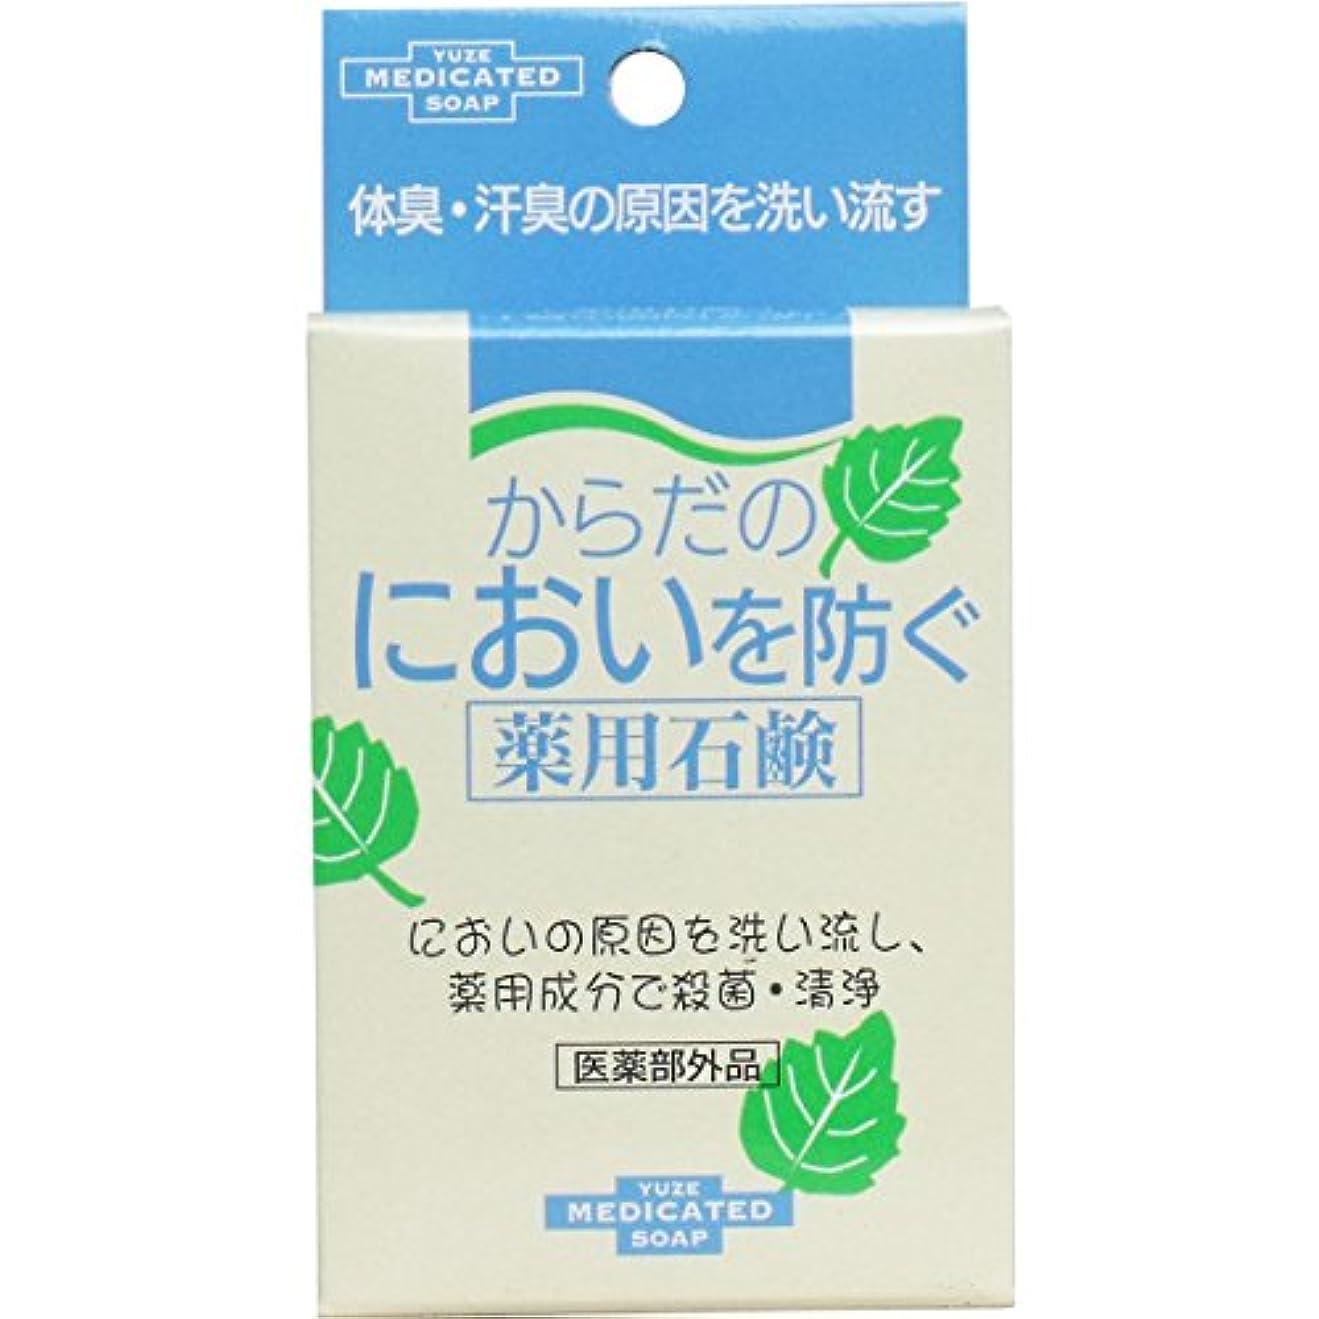 左平らにする遵守するユゼからだのにおいを防ぐ薬用石鹸 110g×6個セット